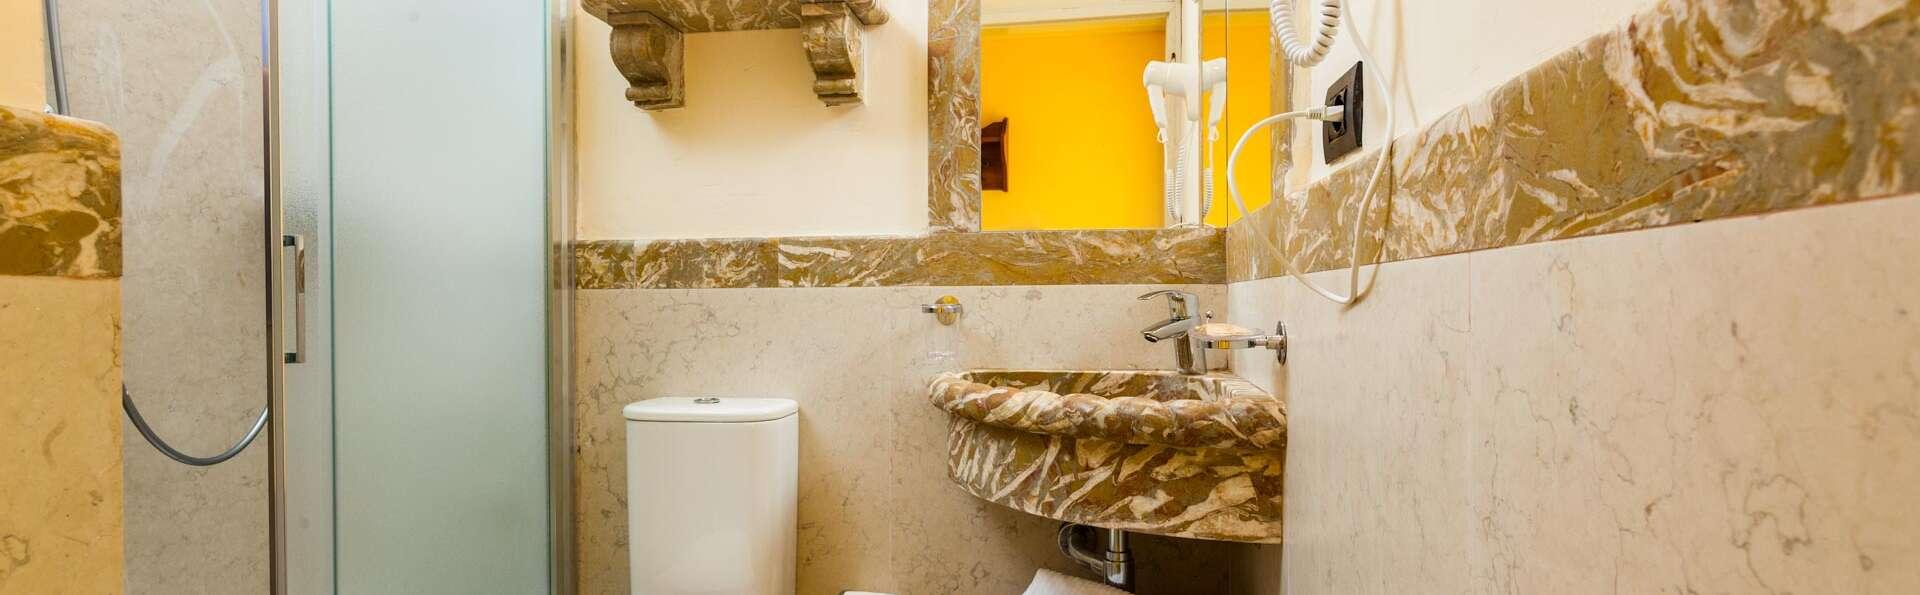 Villa Isabella Hotel e Residence - EDIT_BATHROOM_03.jpg